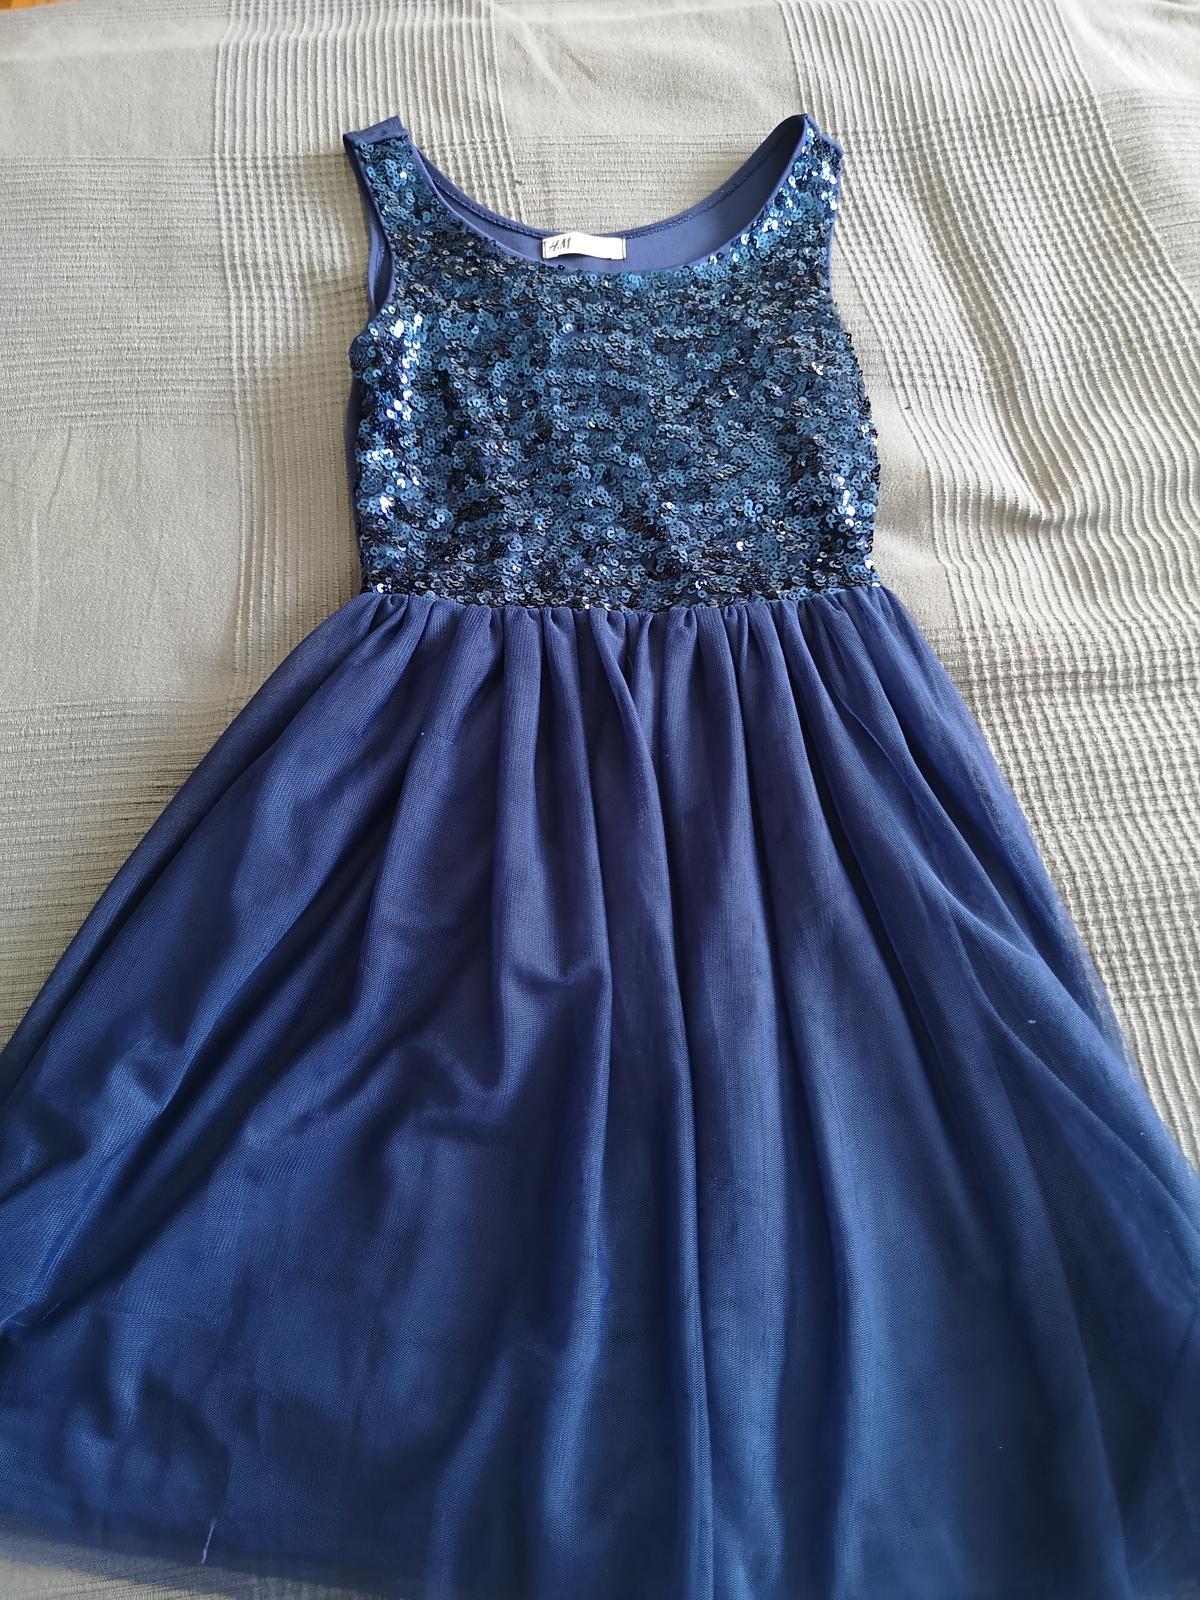 Spoločenské šaty HM - Obrázok č. 1